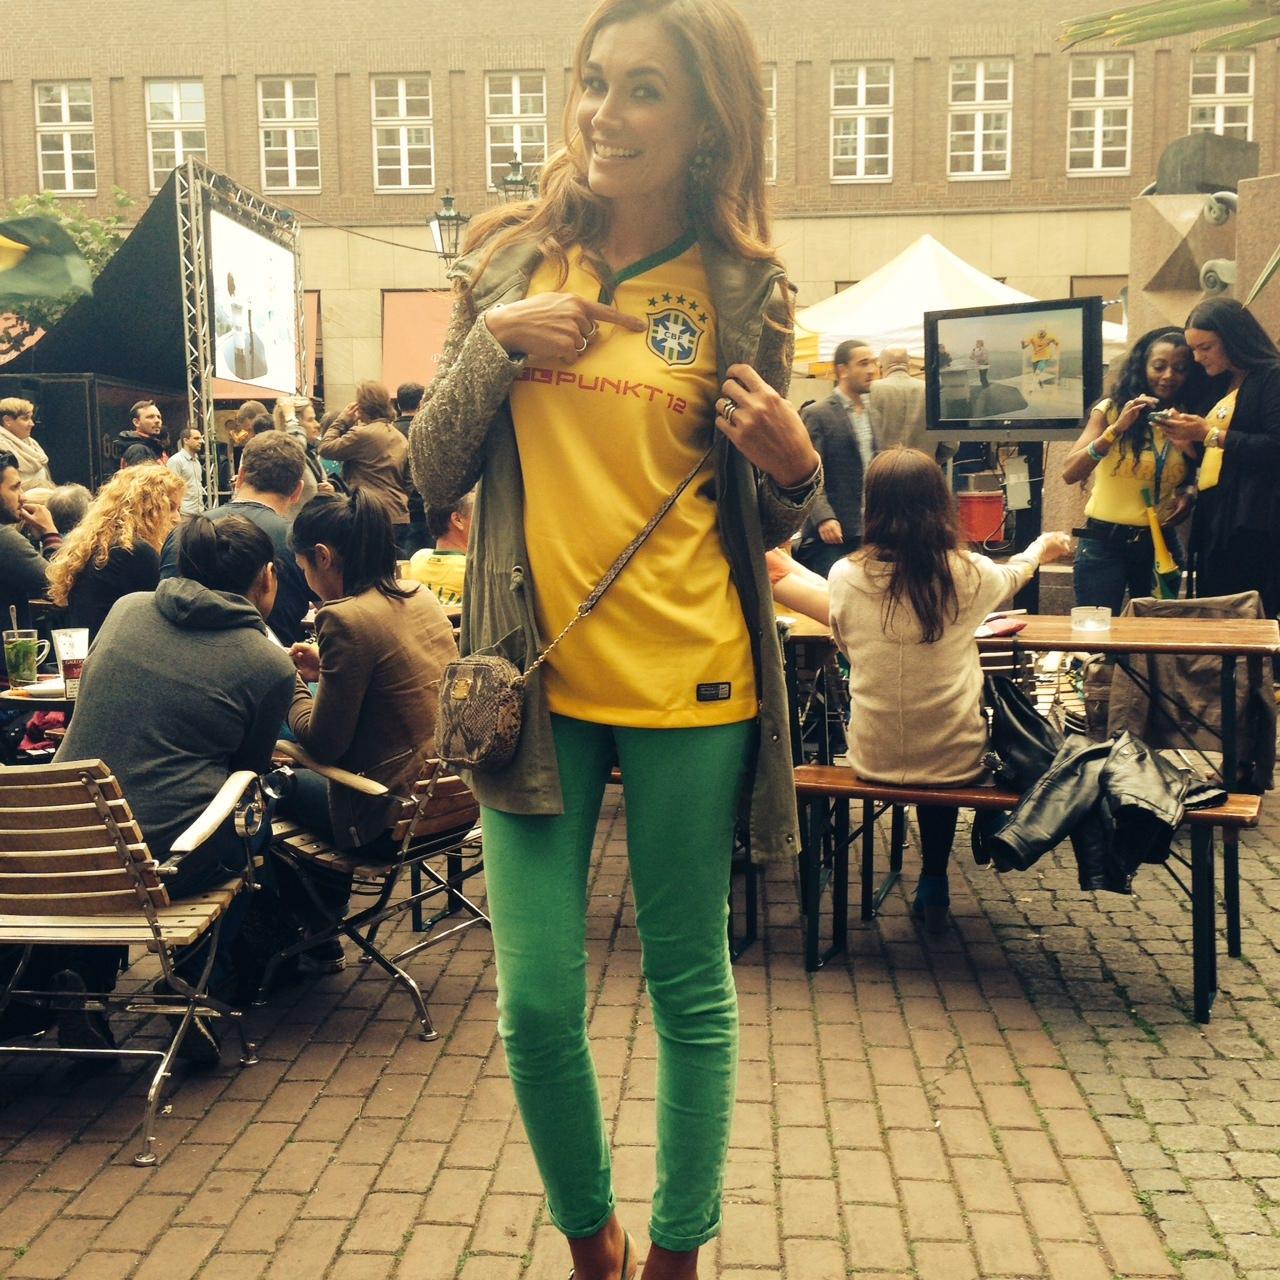 Fußball-Fan Jana Ina Zarella ist erleichtert: Brasilien ist im Achtelfinale. Natürlich hofft die gebürtige Brasilianerin auf den WM-Titel im eigenen Land. Doch bis dahin drückt sie auch weiterhin der deutschen Mannschaft kräftig die Daumen.